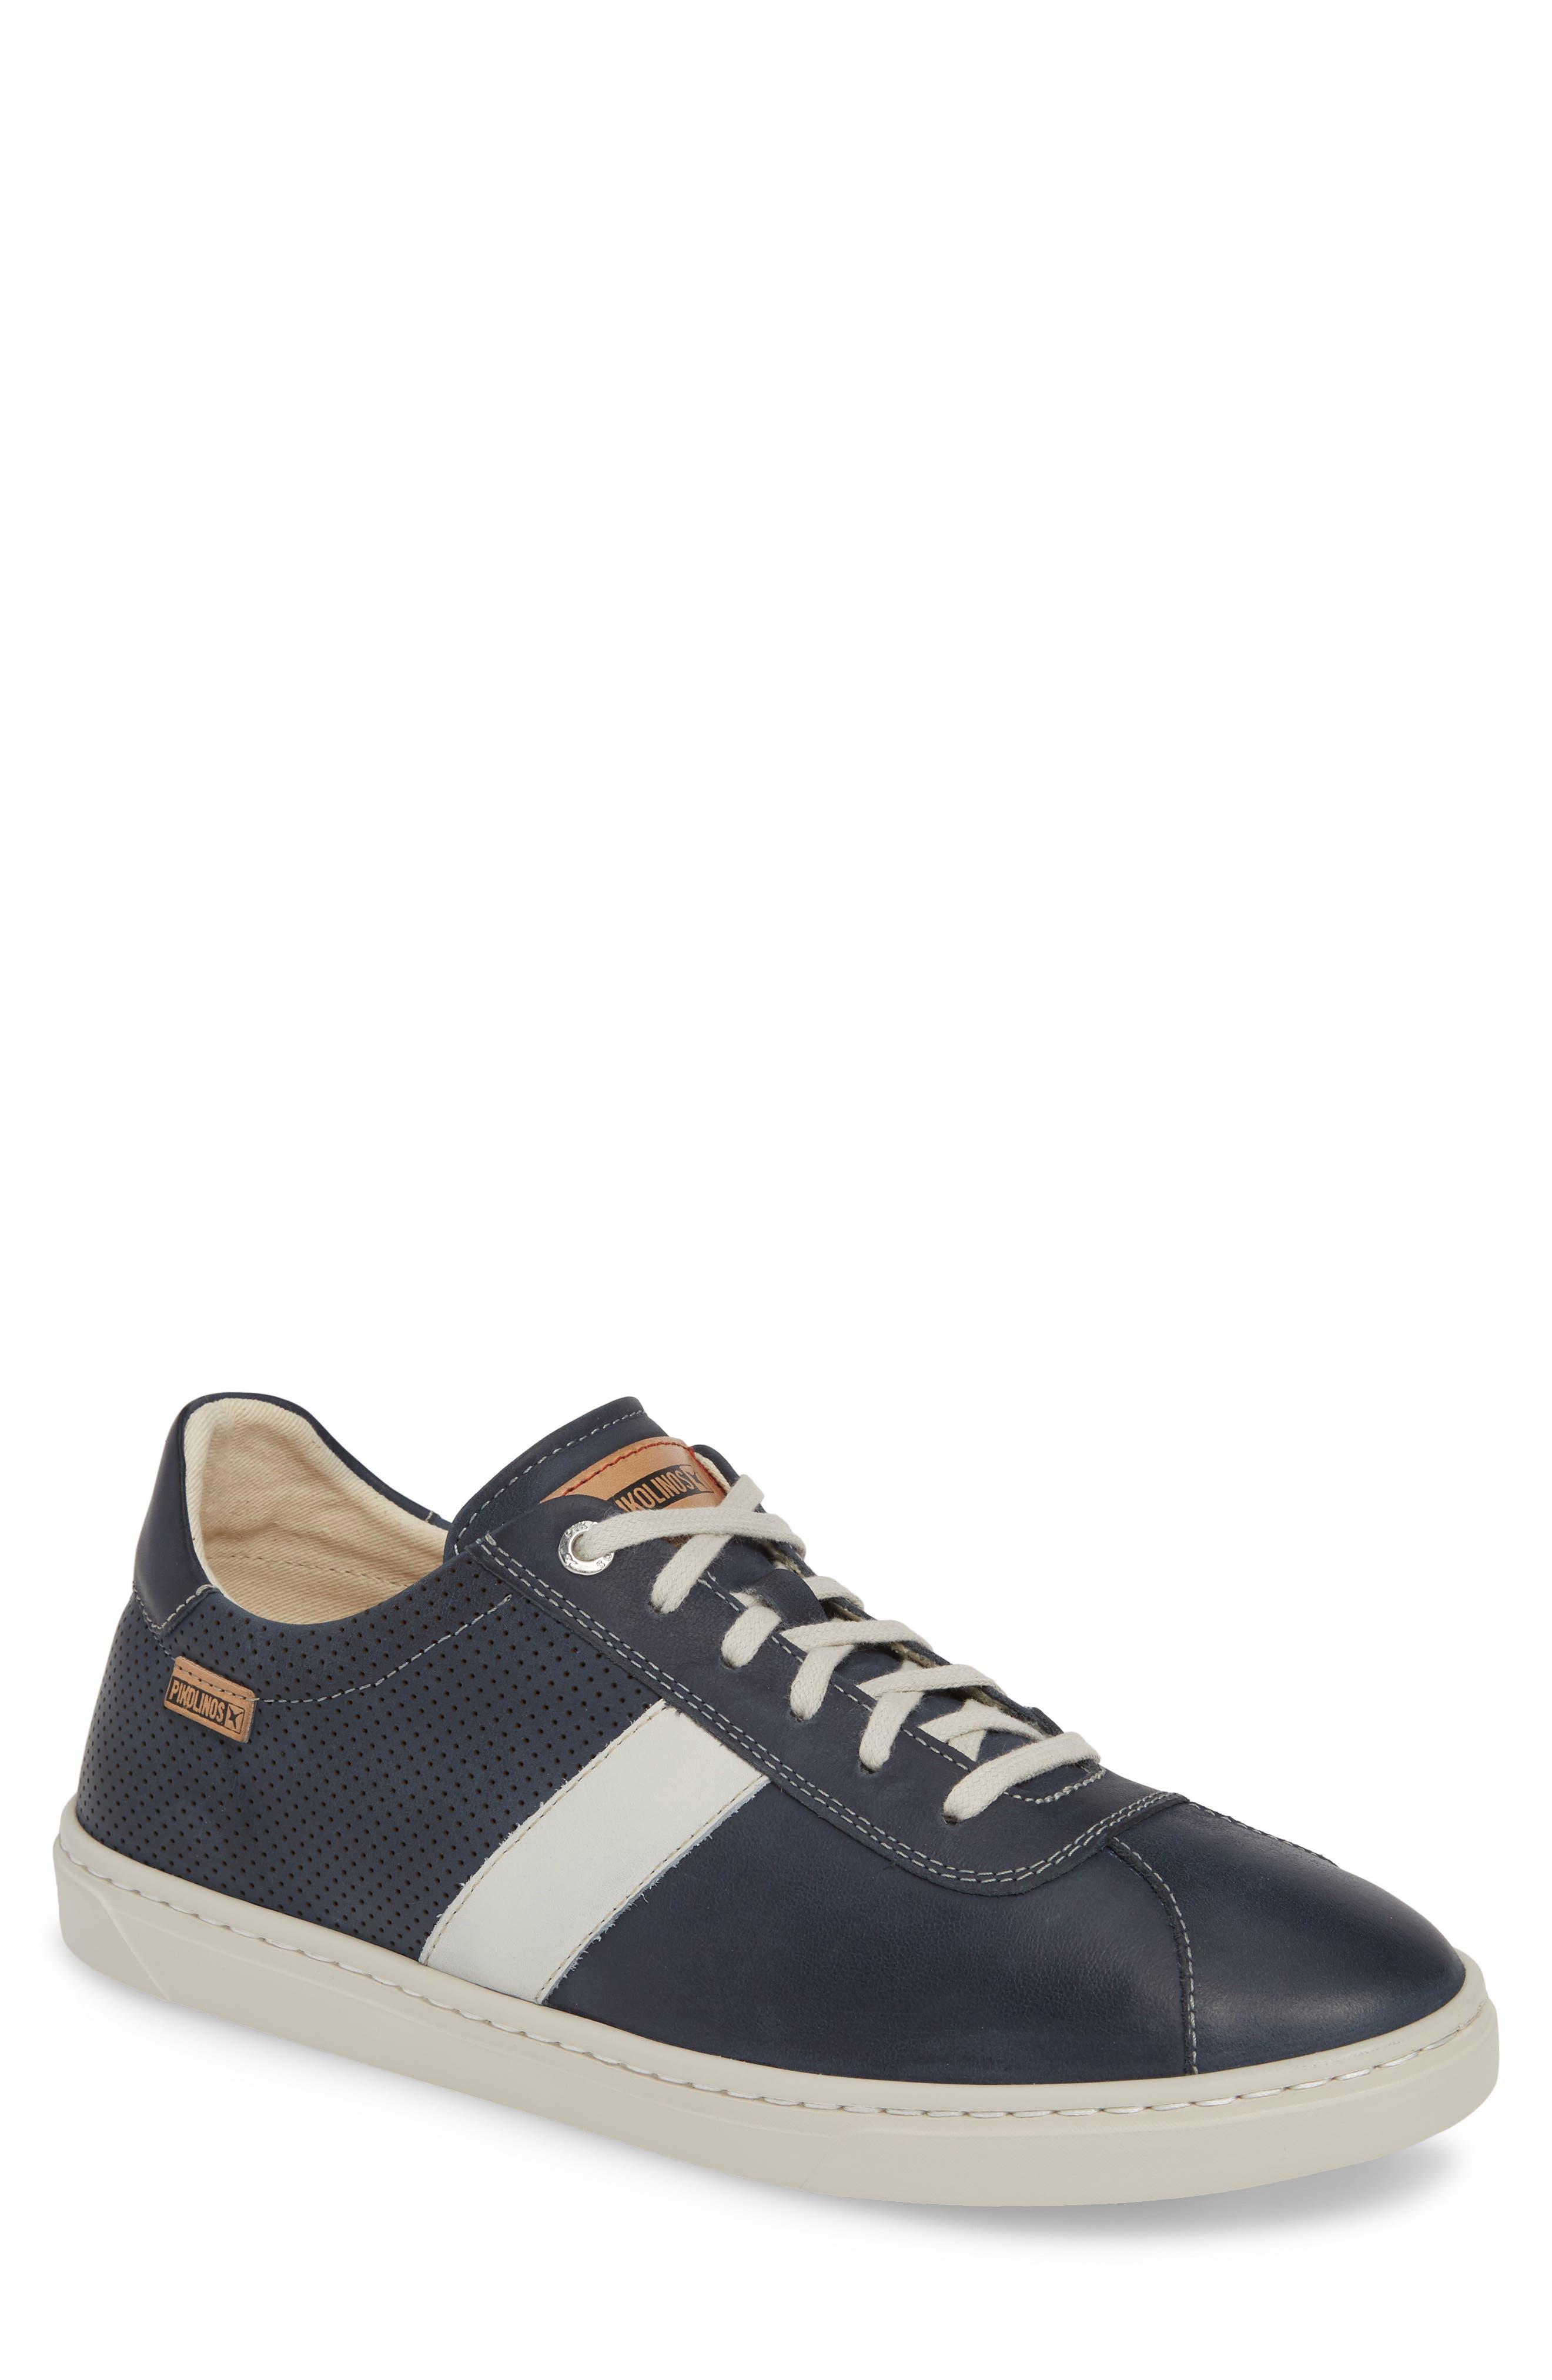 PIKOLINOS, Belfort Perforated Sneaker, Main thumbnail 1, color, BLUE